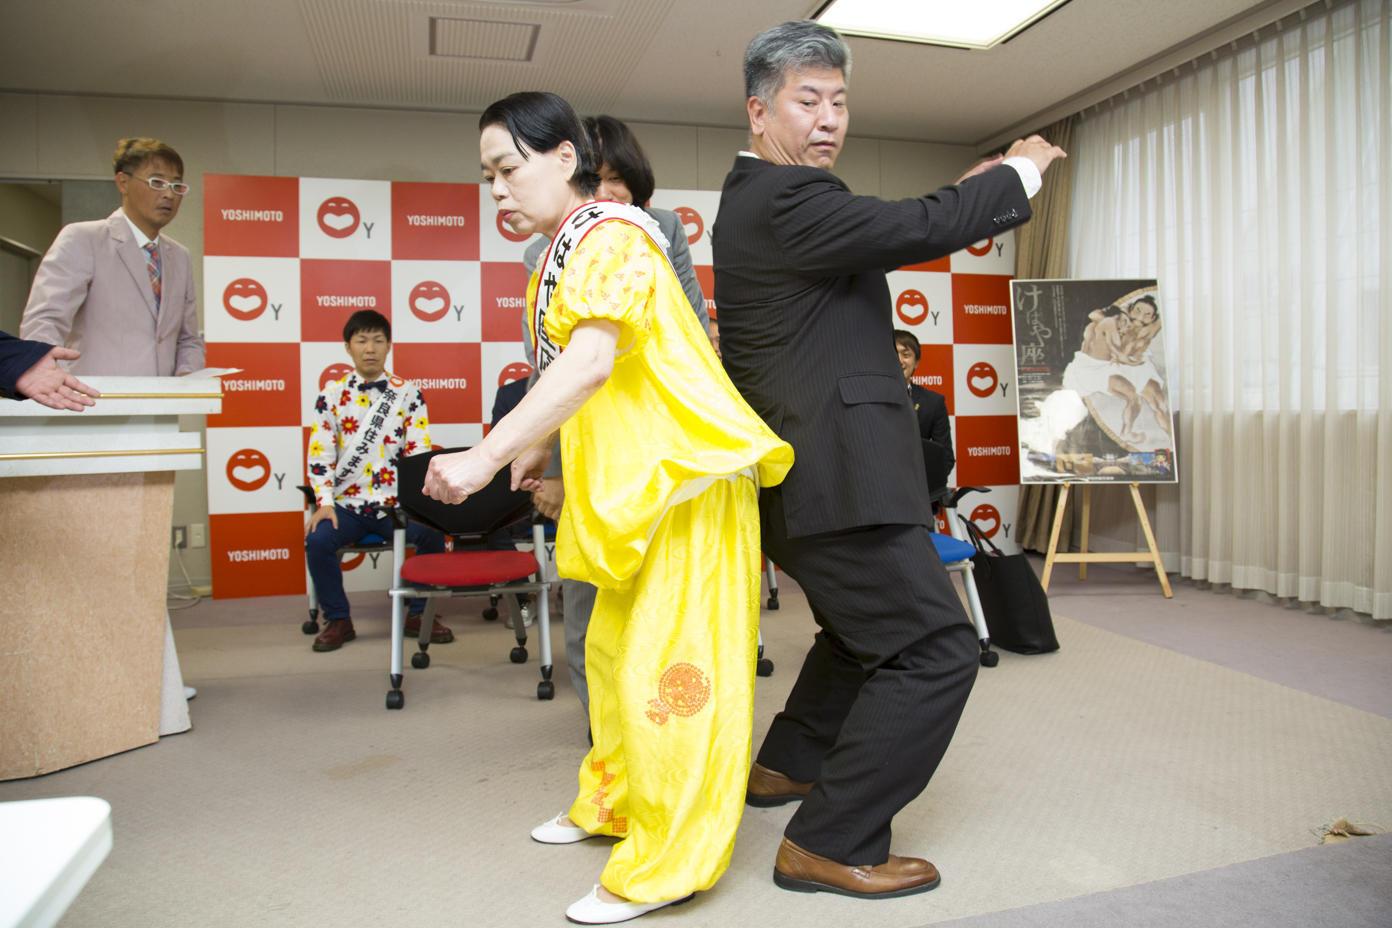 http://news.yoshimoto.co.jp/20160629221518-3e8707ebdce53bb6535008c7c562c00ae01668d3.jpg